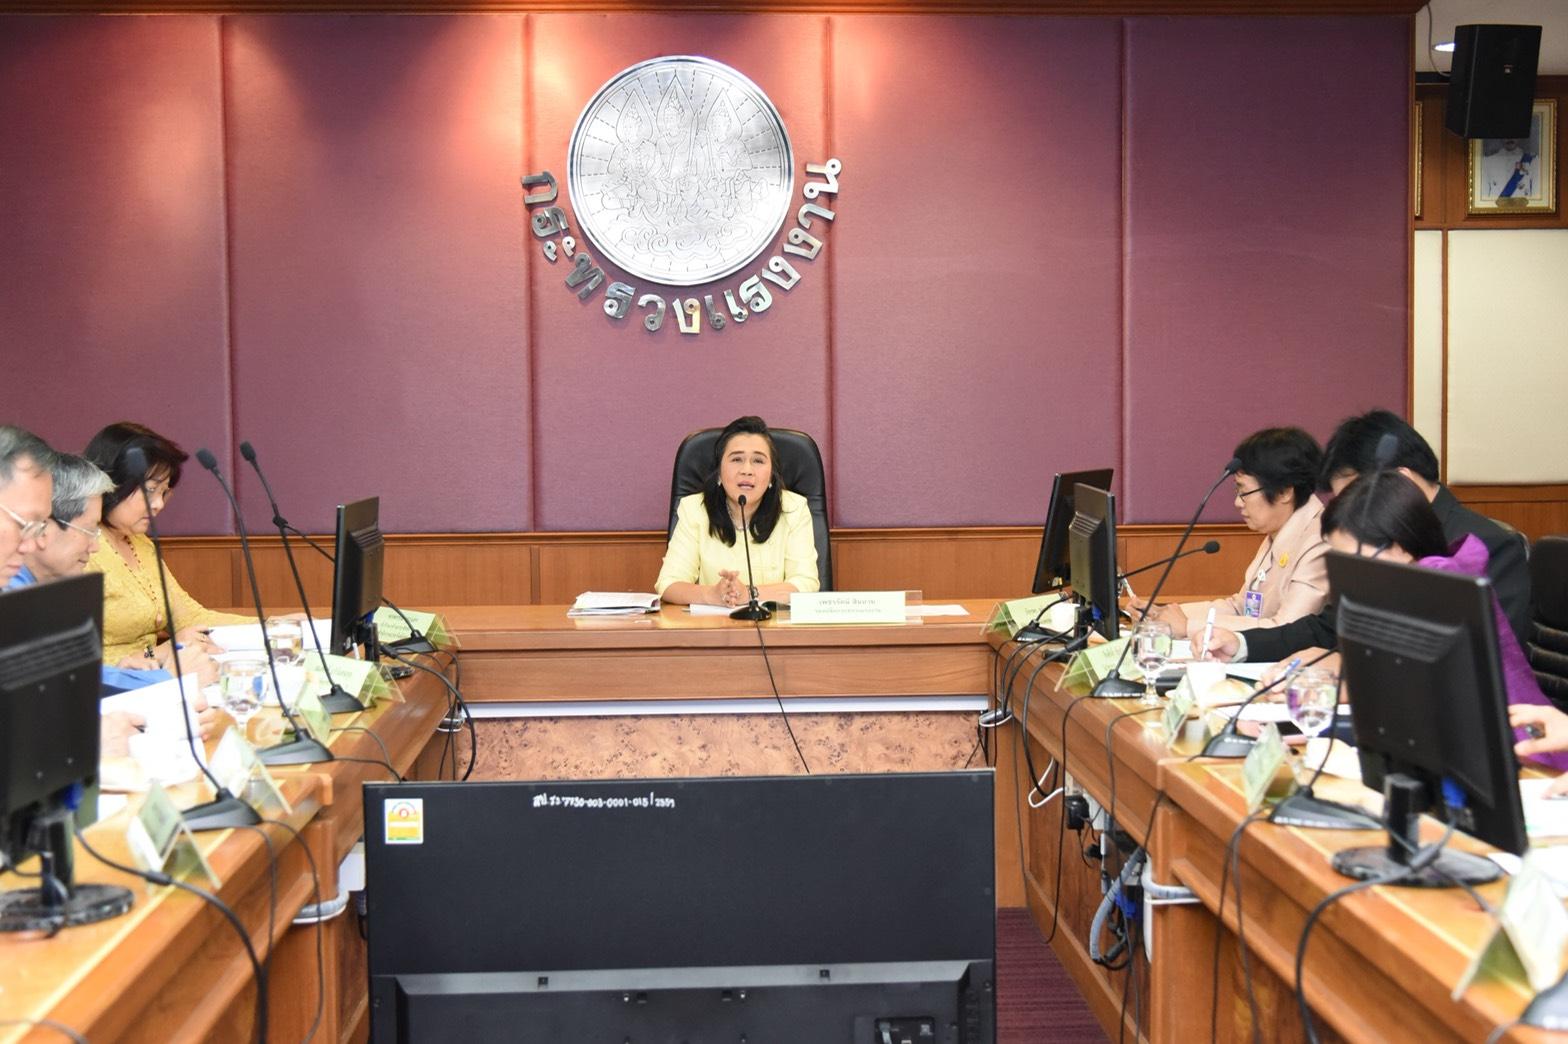 นางเพชรรัตน์ สินอวย รองปลัดกระทรวงแรงงาน ประธานประชุมคณะกรรมการกำกับ ดูแล และติดตามการดำเนินการศูนย์บริการร่วมกระทรวงแรงงาน ครั้งที่ 2/2561